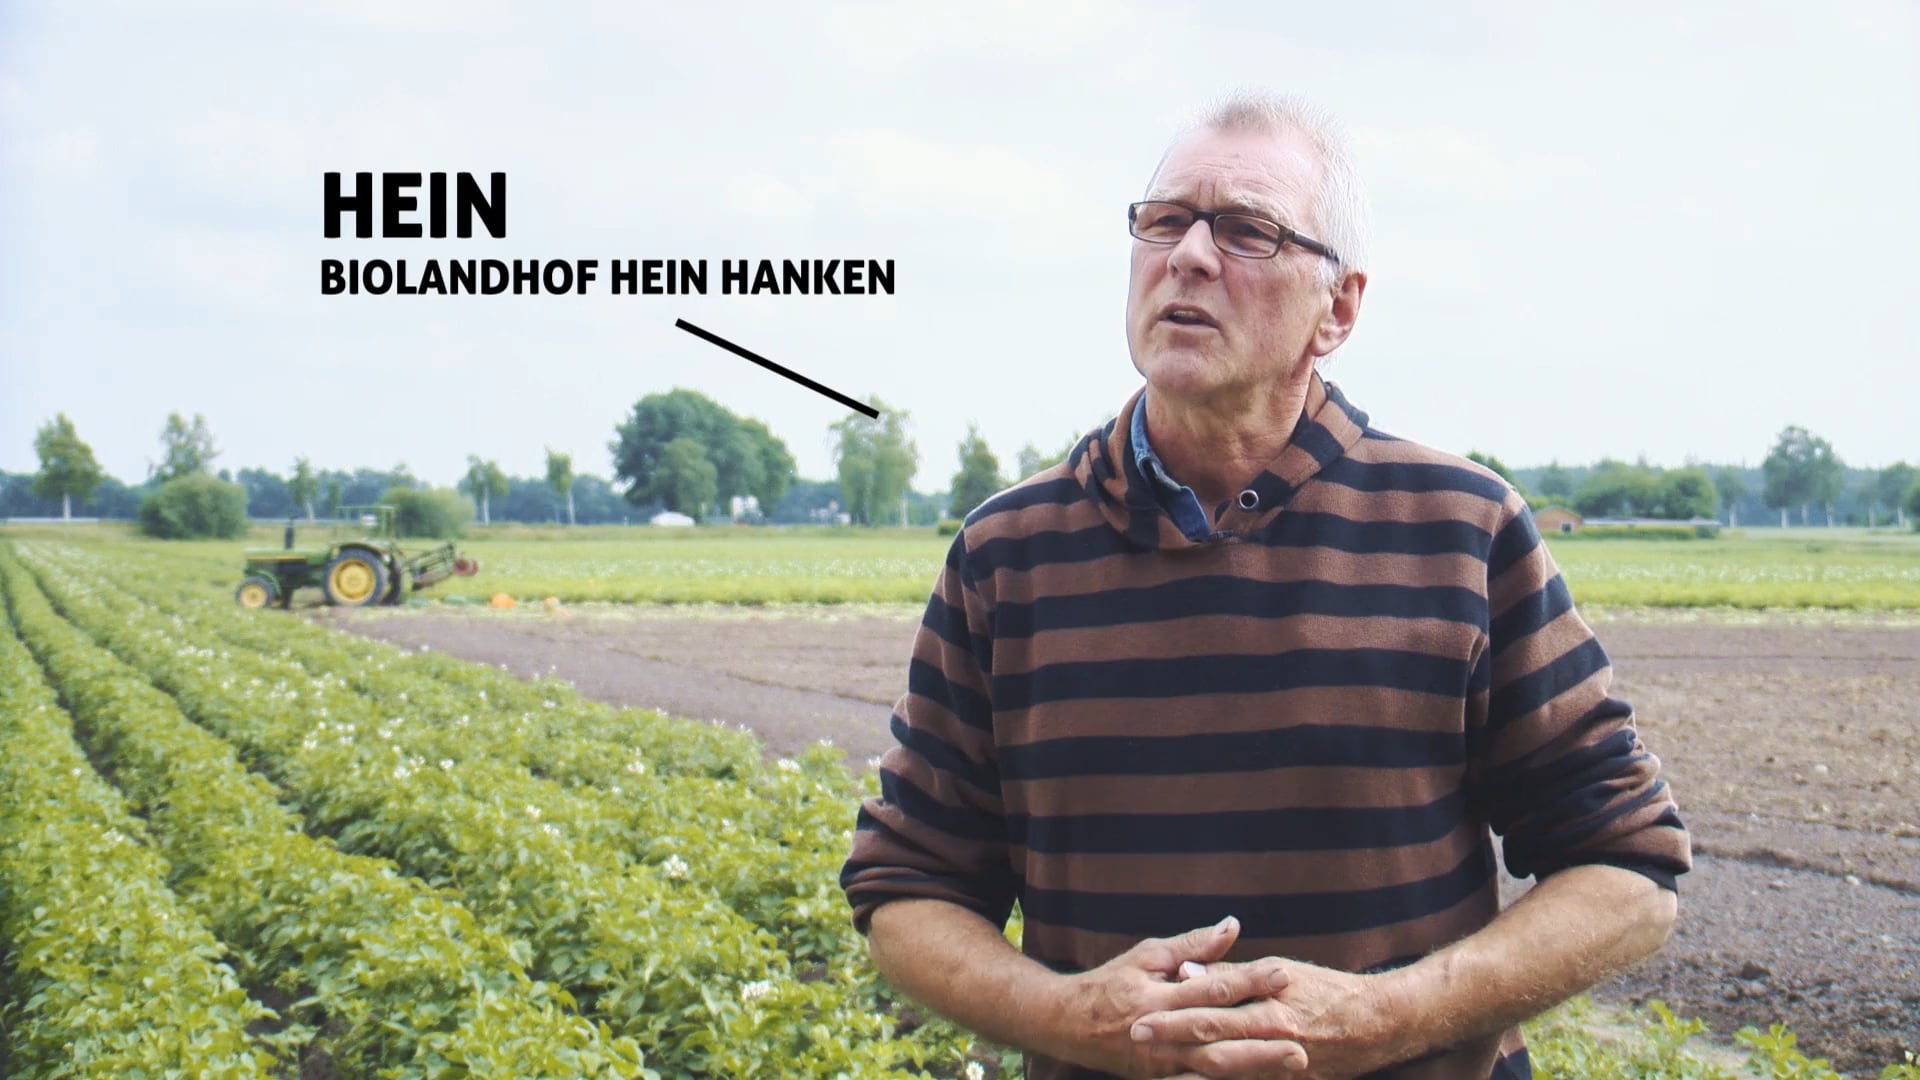 Ecocion - Lieferdienst für biologische Lebensmittel